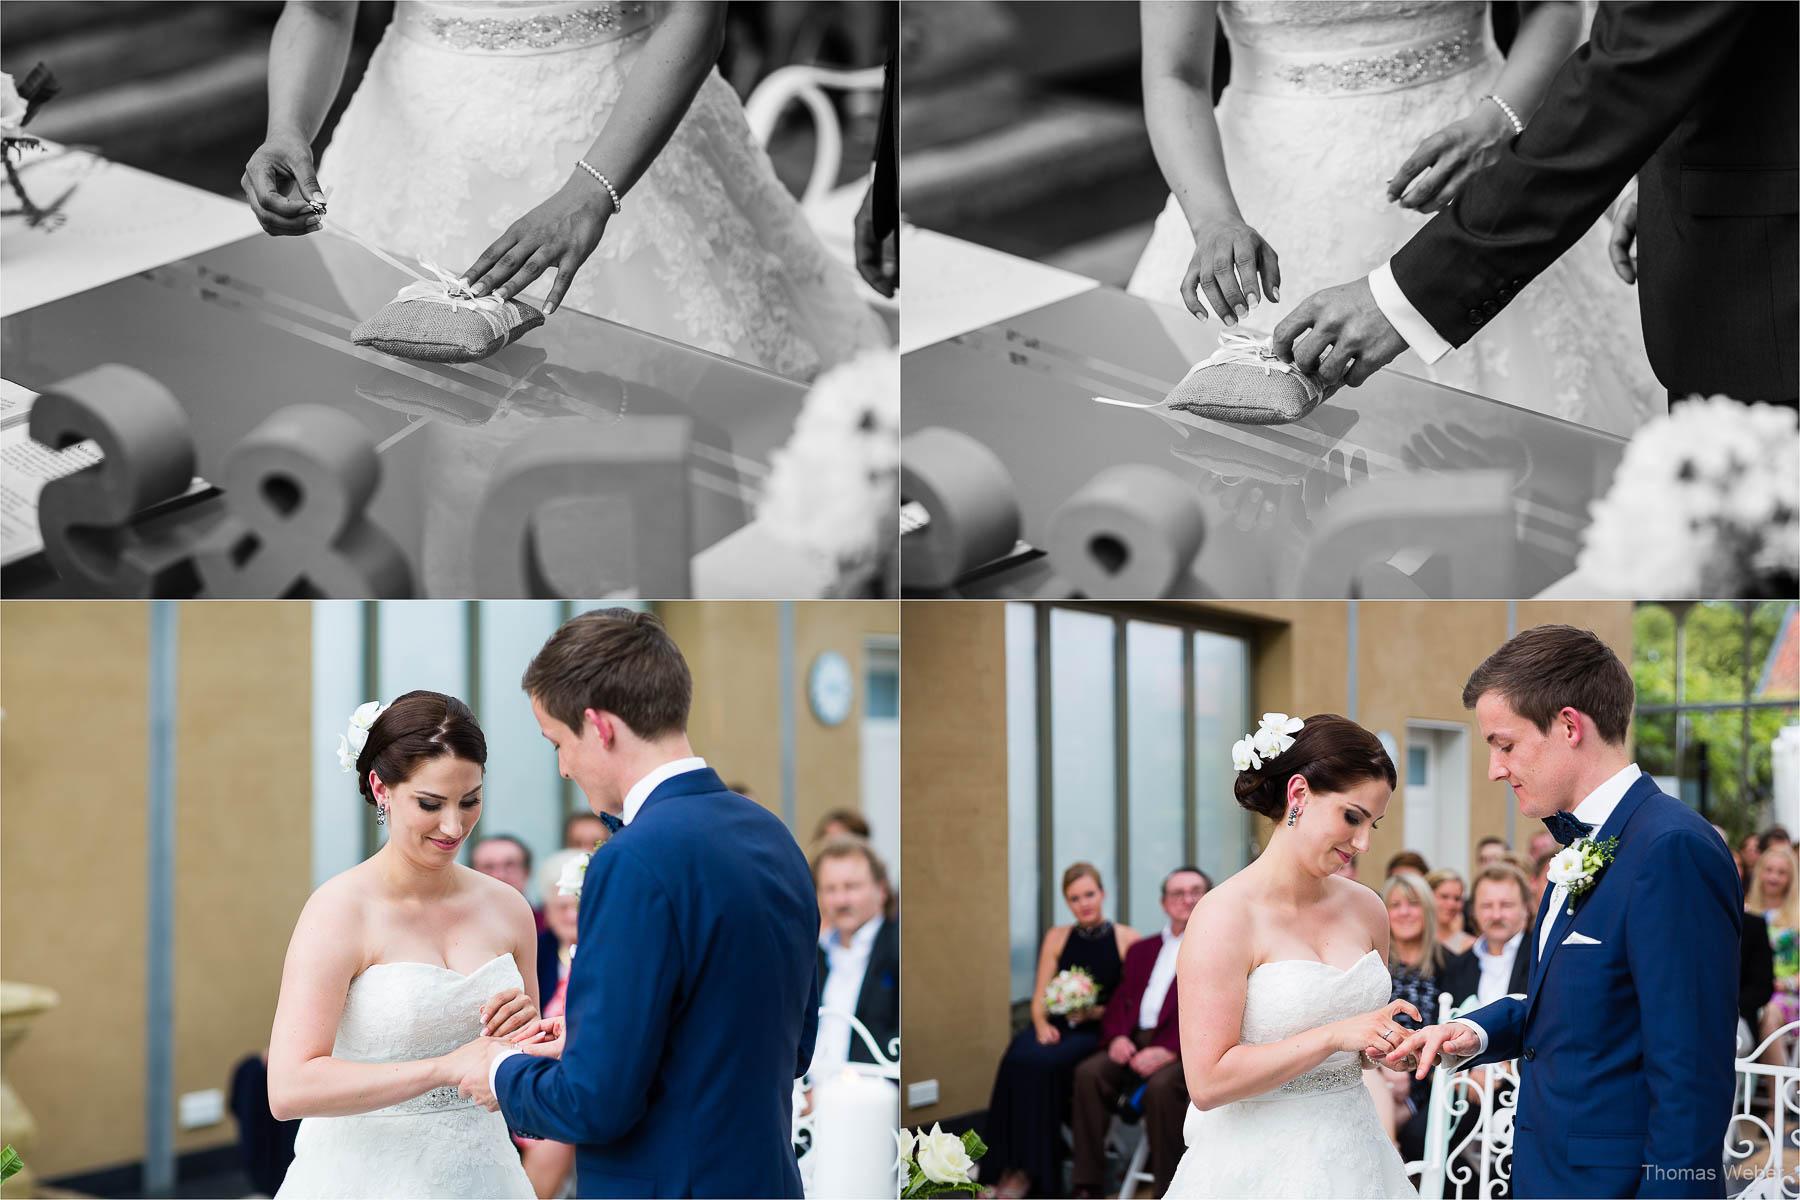 Hochzeitsreportage in Niedersachsen, Hochzeitsfotograf Ostfriesland, Thomas Weber